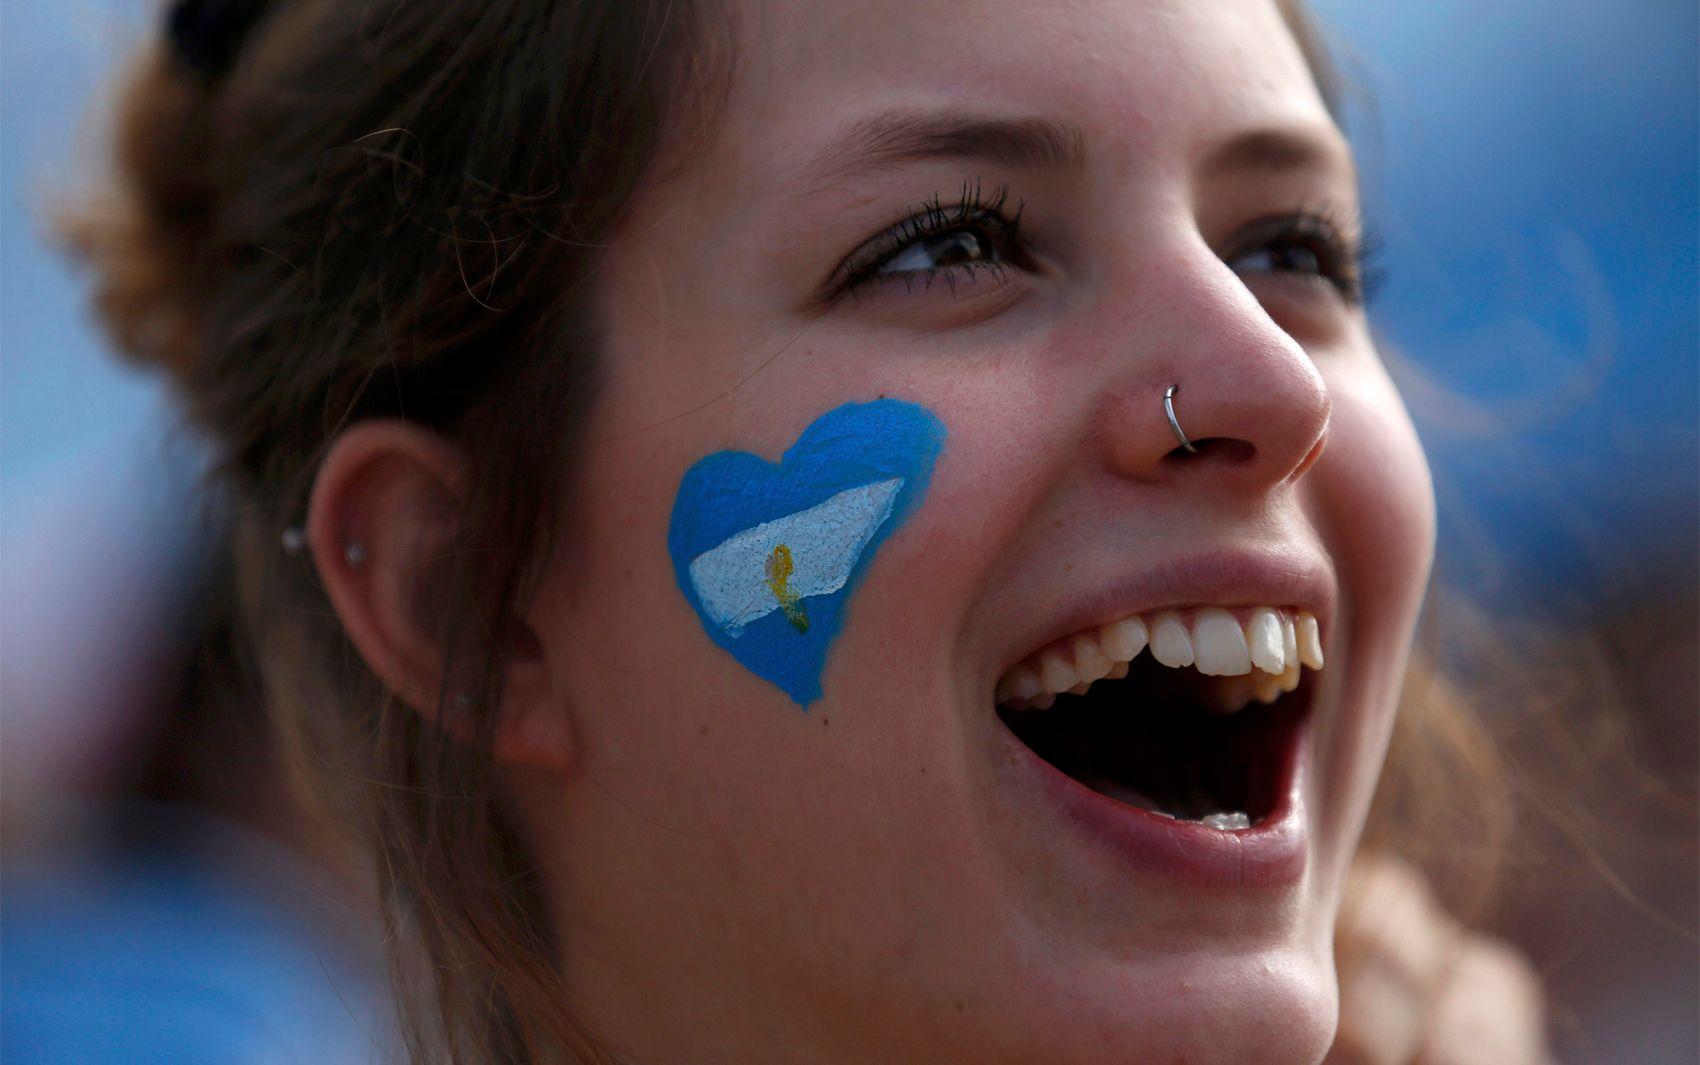 21/6 - Argentina torce pela seleção do seu país contra o Irã durante a transmissão do jogo na Fifa Fan Fest de Copacabana, no Rio